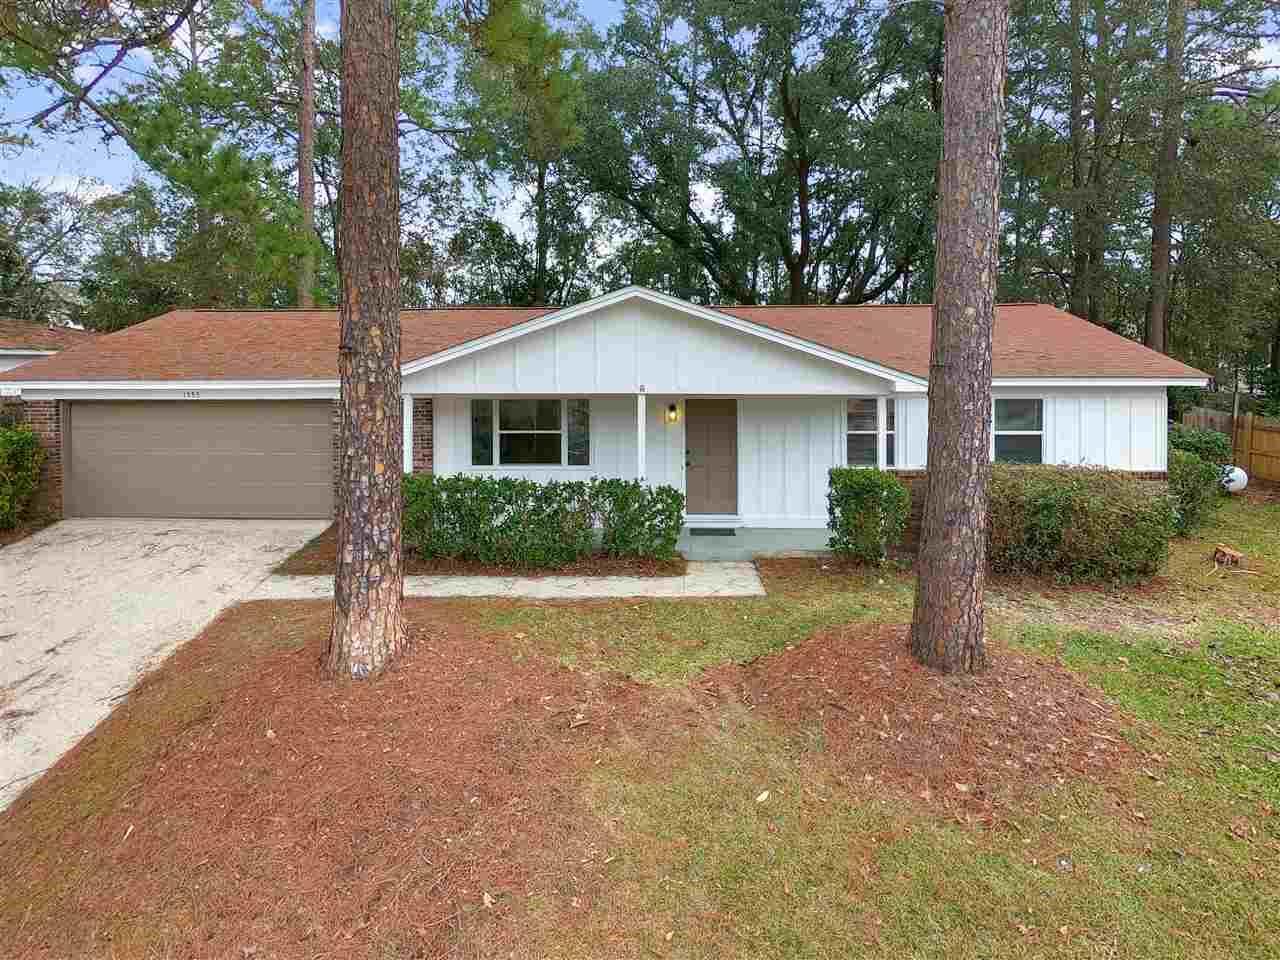 1555 Pine View Drive, Tallahassee, FL 32301 - MLS#: 326973